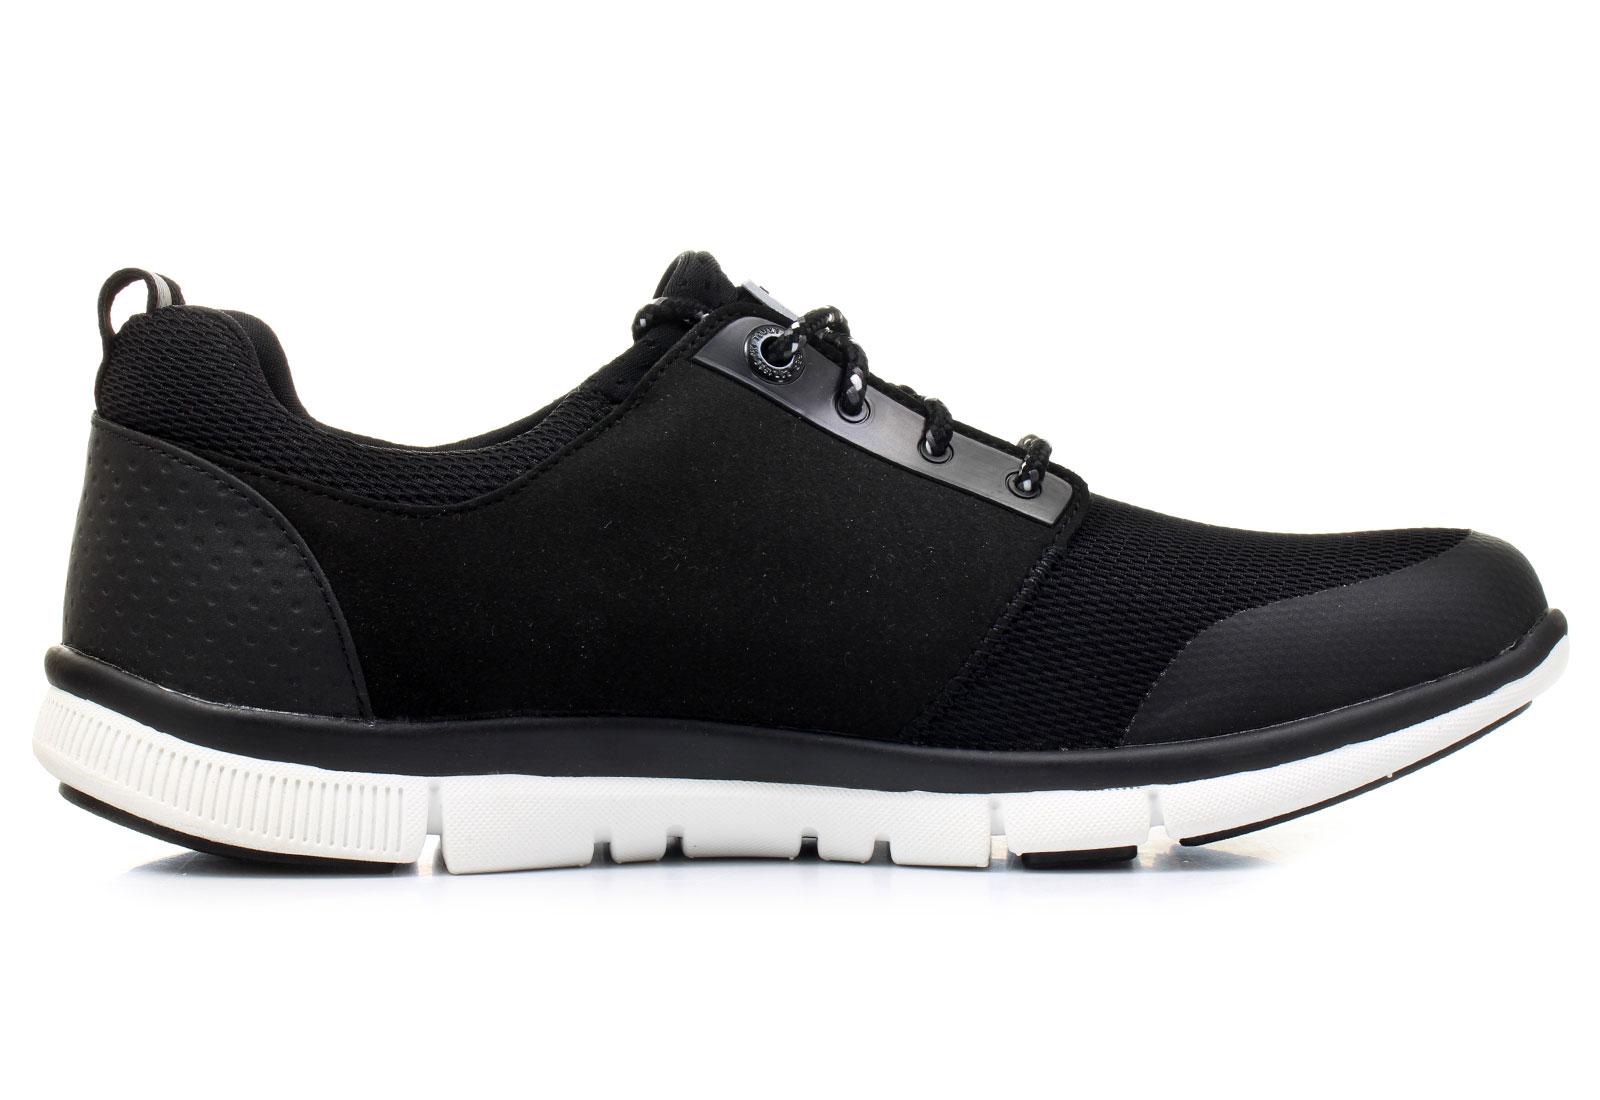 tommy hilfiger shoes relay 1c sport 16s 1099 990. Black Bedroom Furniture Sets. Home Design Ideas